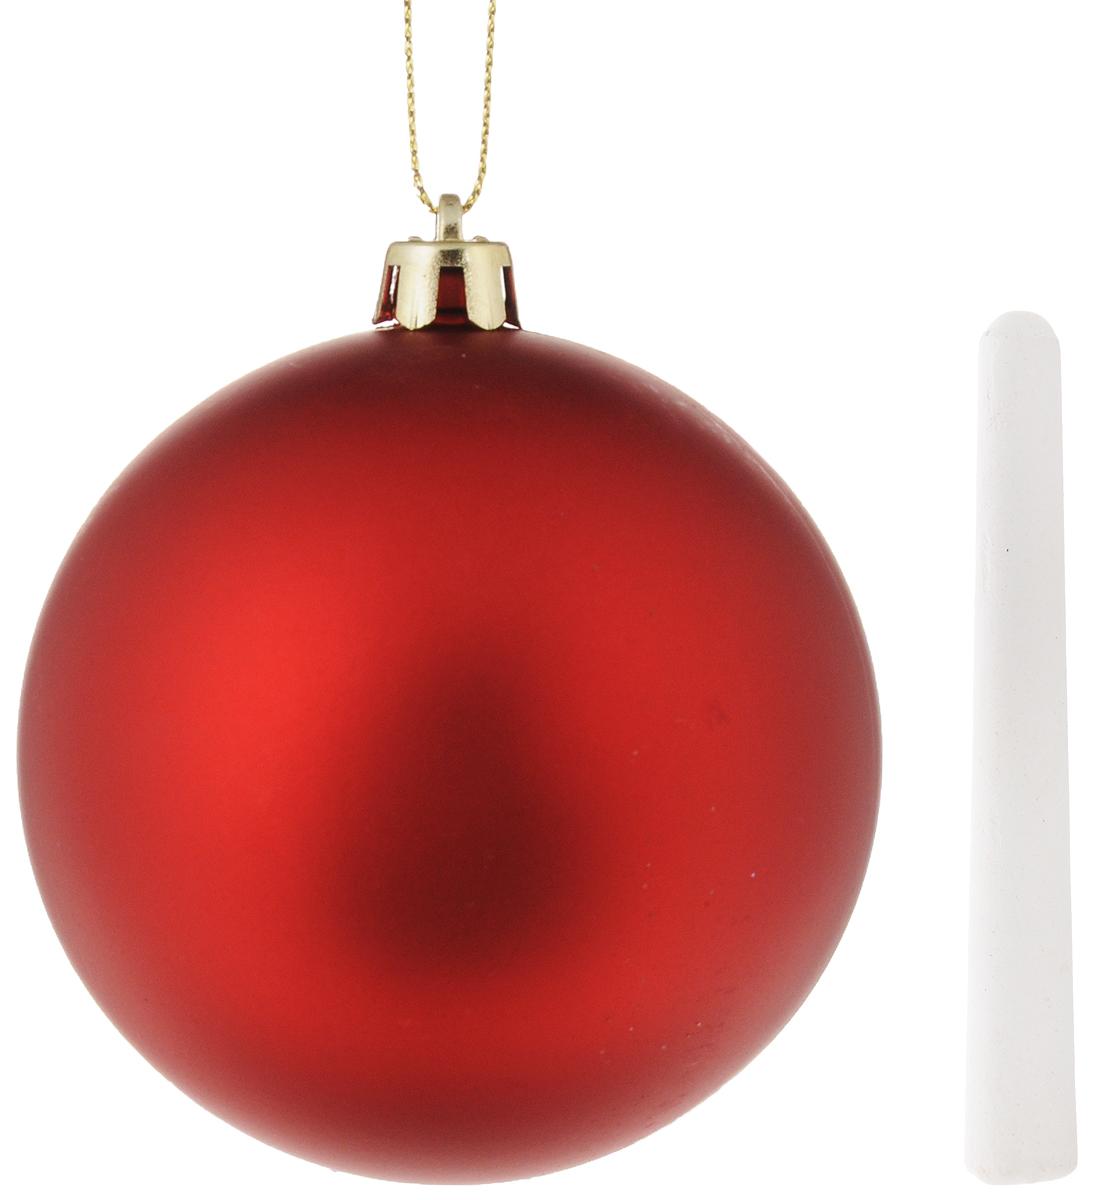 Украшение новогоднее подвесное Magic Time Шар, с мелком, диаметр 8 см38213Новогоднее подвесное украшение Magic Time Шар выполнено из полистирола в форме шара. С помощью специальной петельки украшение можно повесить в любом понравившемся вам месте. Но, конечно, удачнее всего оно будет смотреться на праздничной елке. К изделию прилагается специальный мелок для записей. Елочная игрушка - символ Нового года. Она несет в себе волшебство и красоту праздника. Создайте в своем доме атмосферу веселья и радости, украшая новогоднюю елку нарядными игрушками, которые будут из года в год накапливать теплоту воспоминаний.